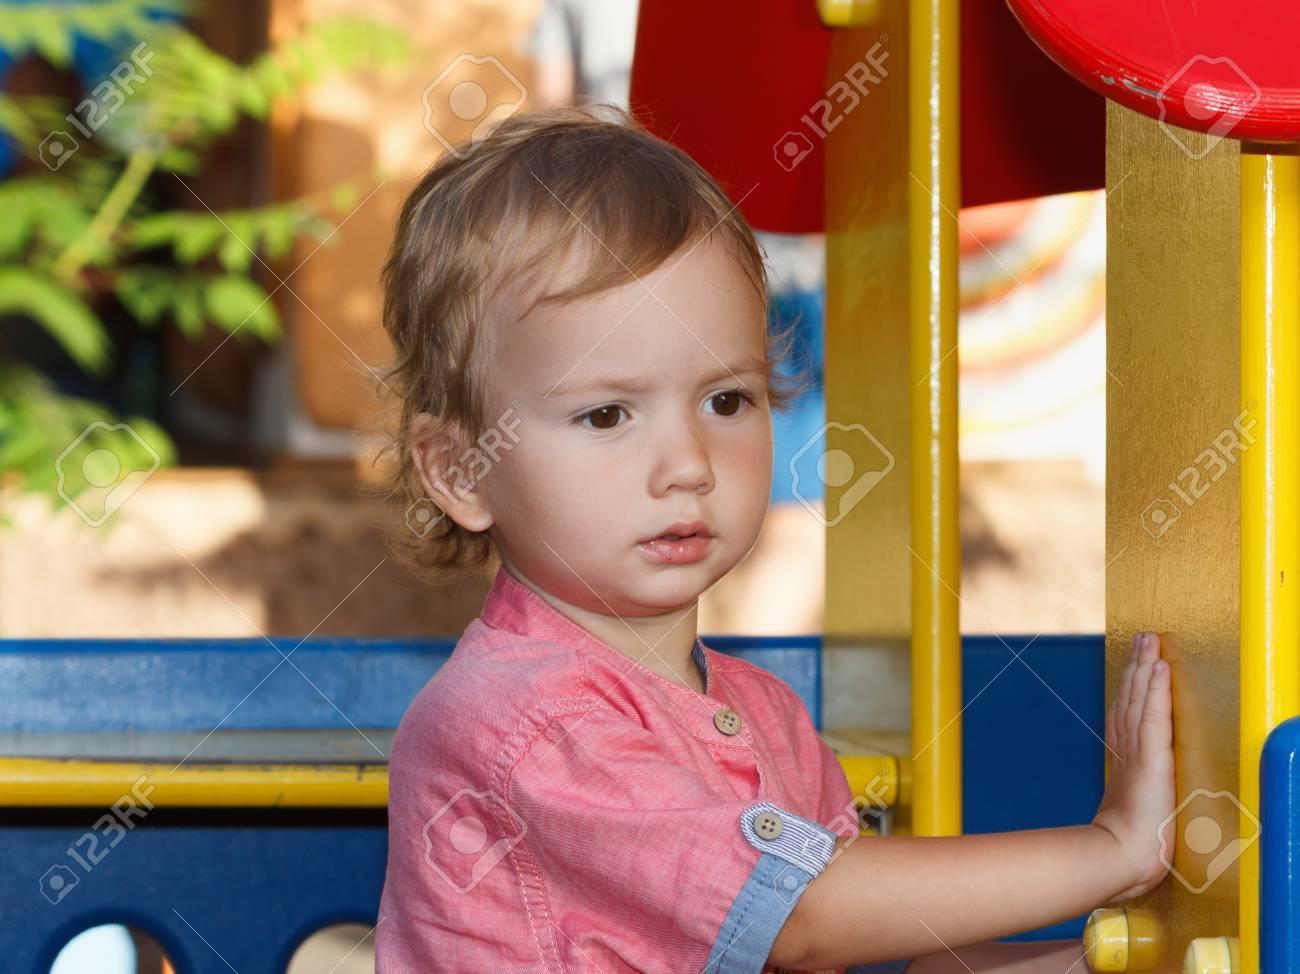 Activités Pour Petits Enfants, Histoire De Jeux Familiaux. Enfant, Jouer,  Dehors, Cour De Récréation dedans Jeux Pour Petit Enfant